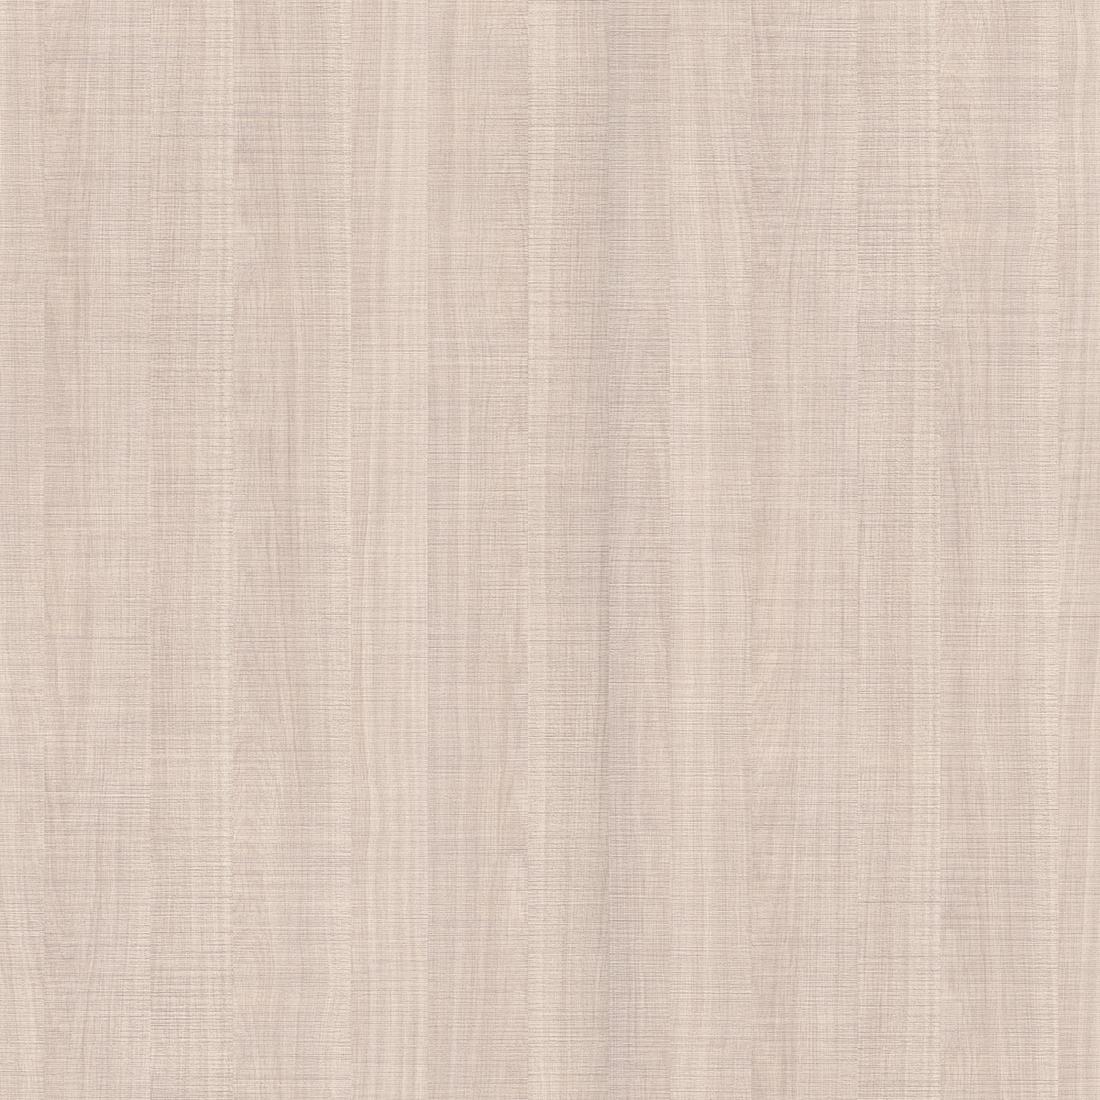 8361SN - Crossline Latte